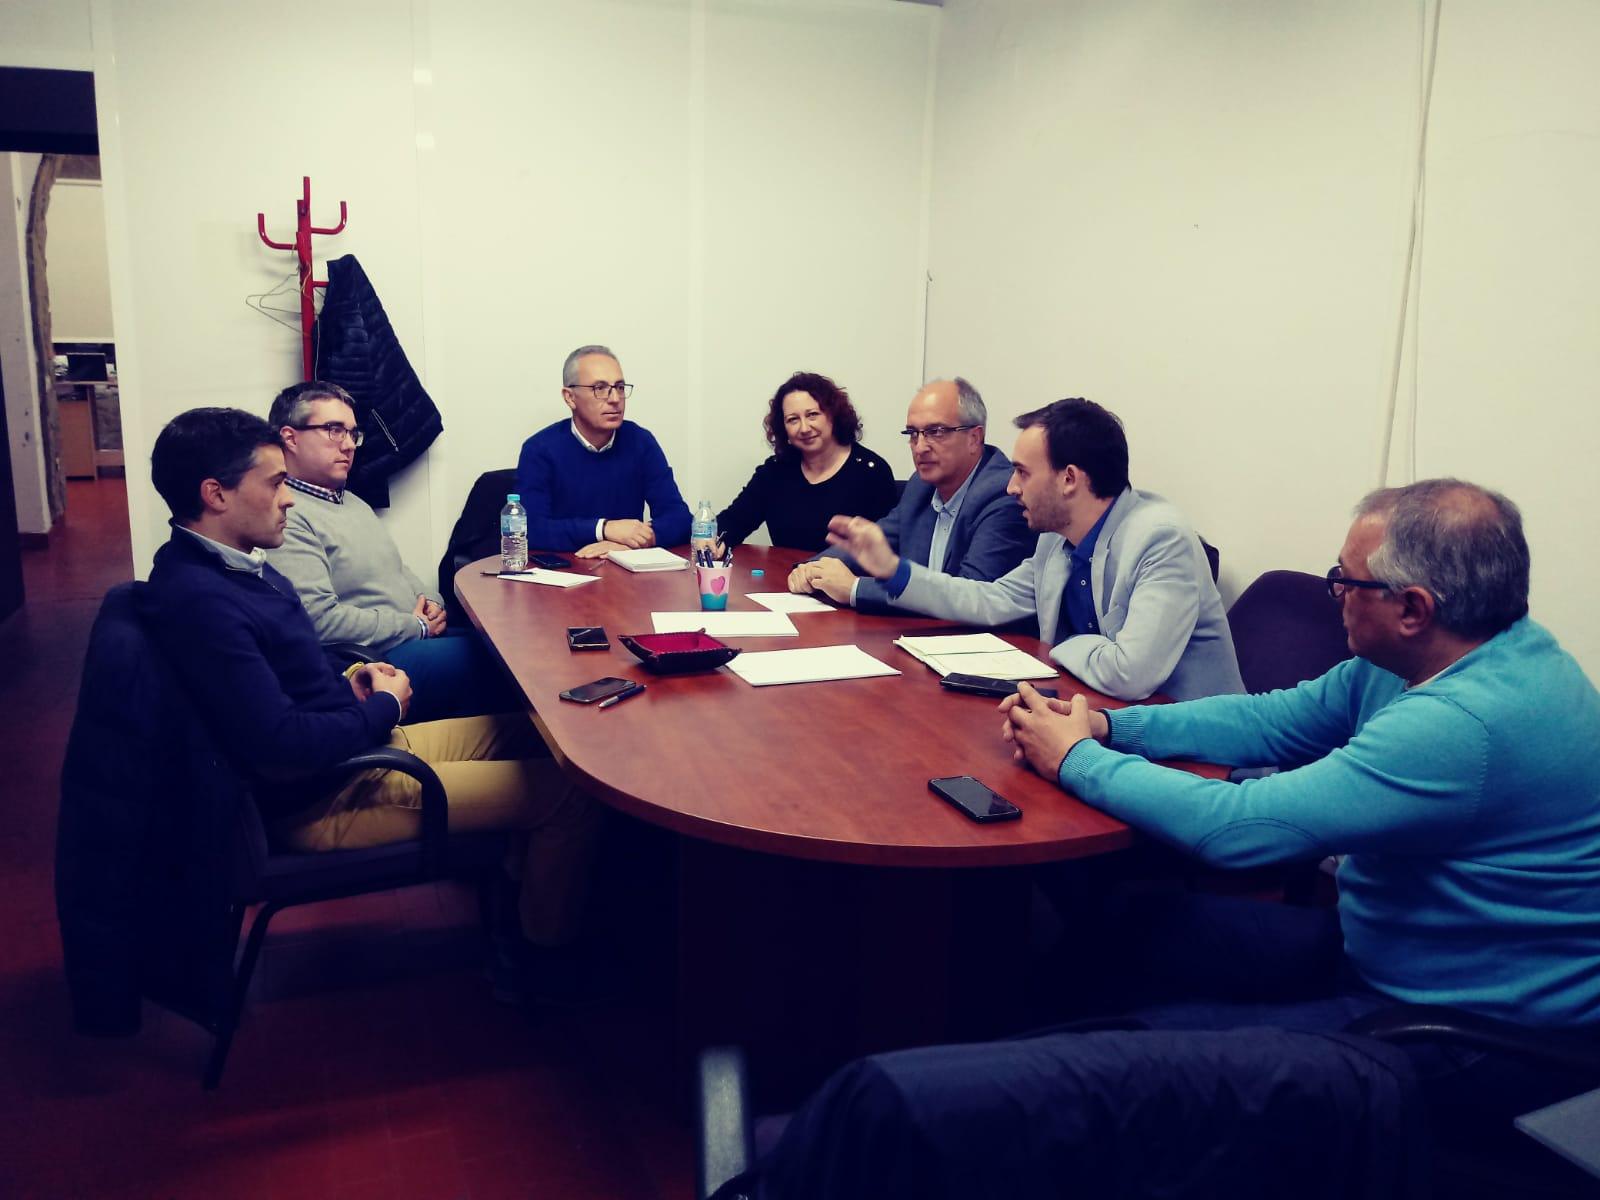 El PSOE exige la homologación de la norma andaluza para facilitar la convivencia entre vecinos y locales de ocio en el centro